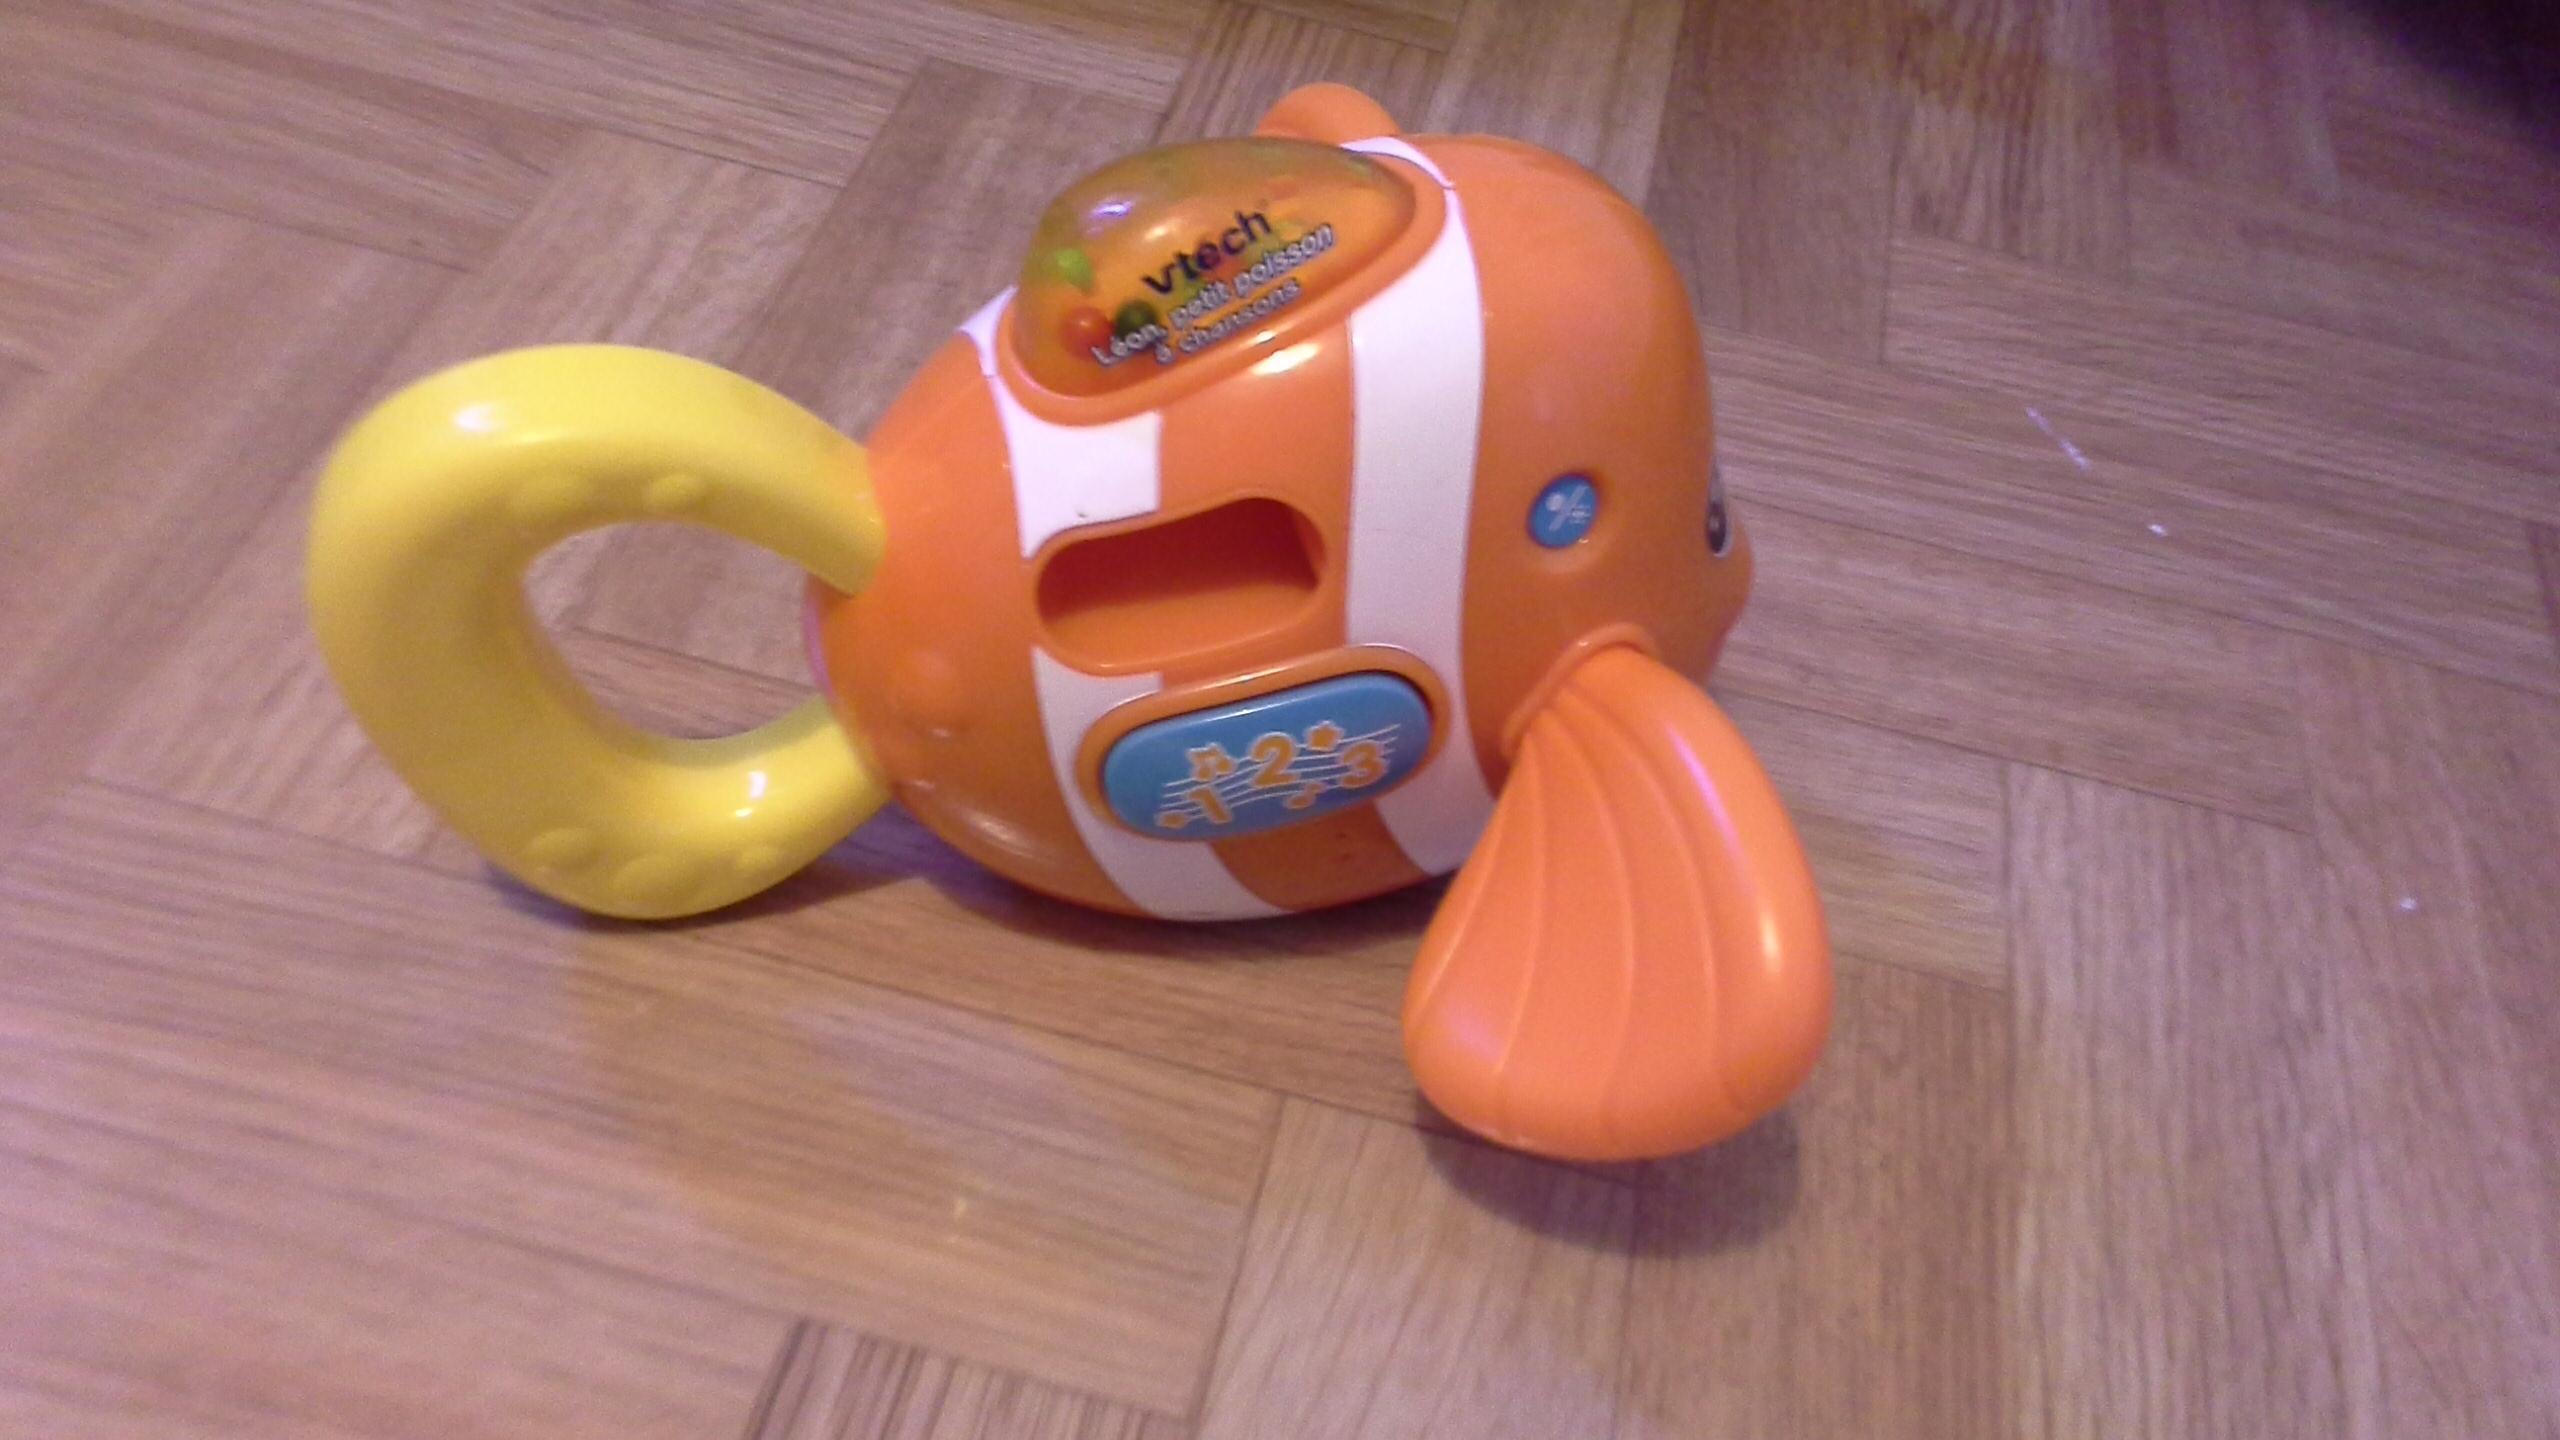 troc de troc jouets de bain image 0